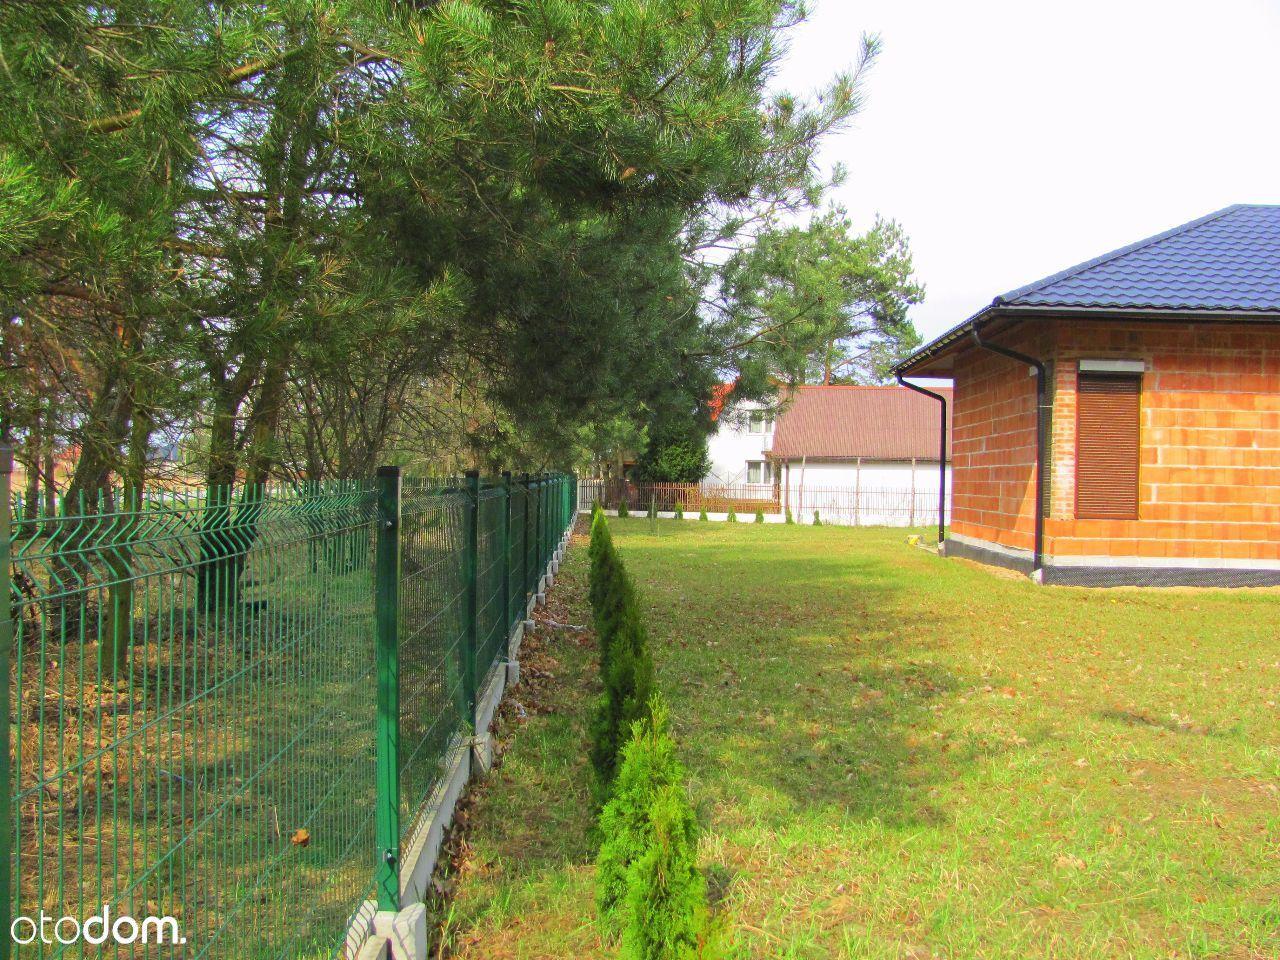 Dom na sprzedaż, Grochowe, mielecki, podkarpackie - Foto 5